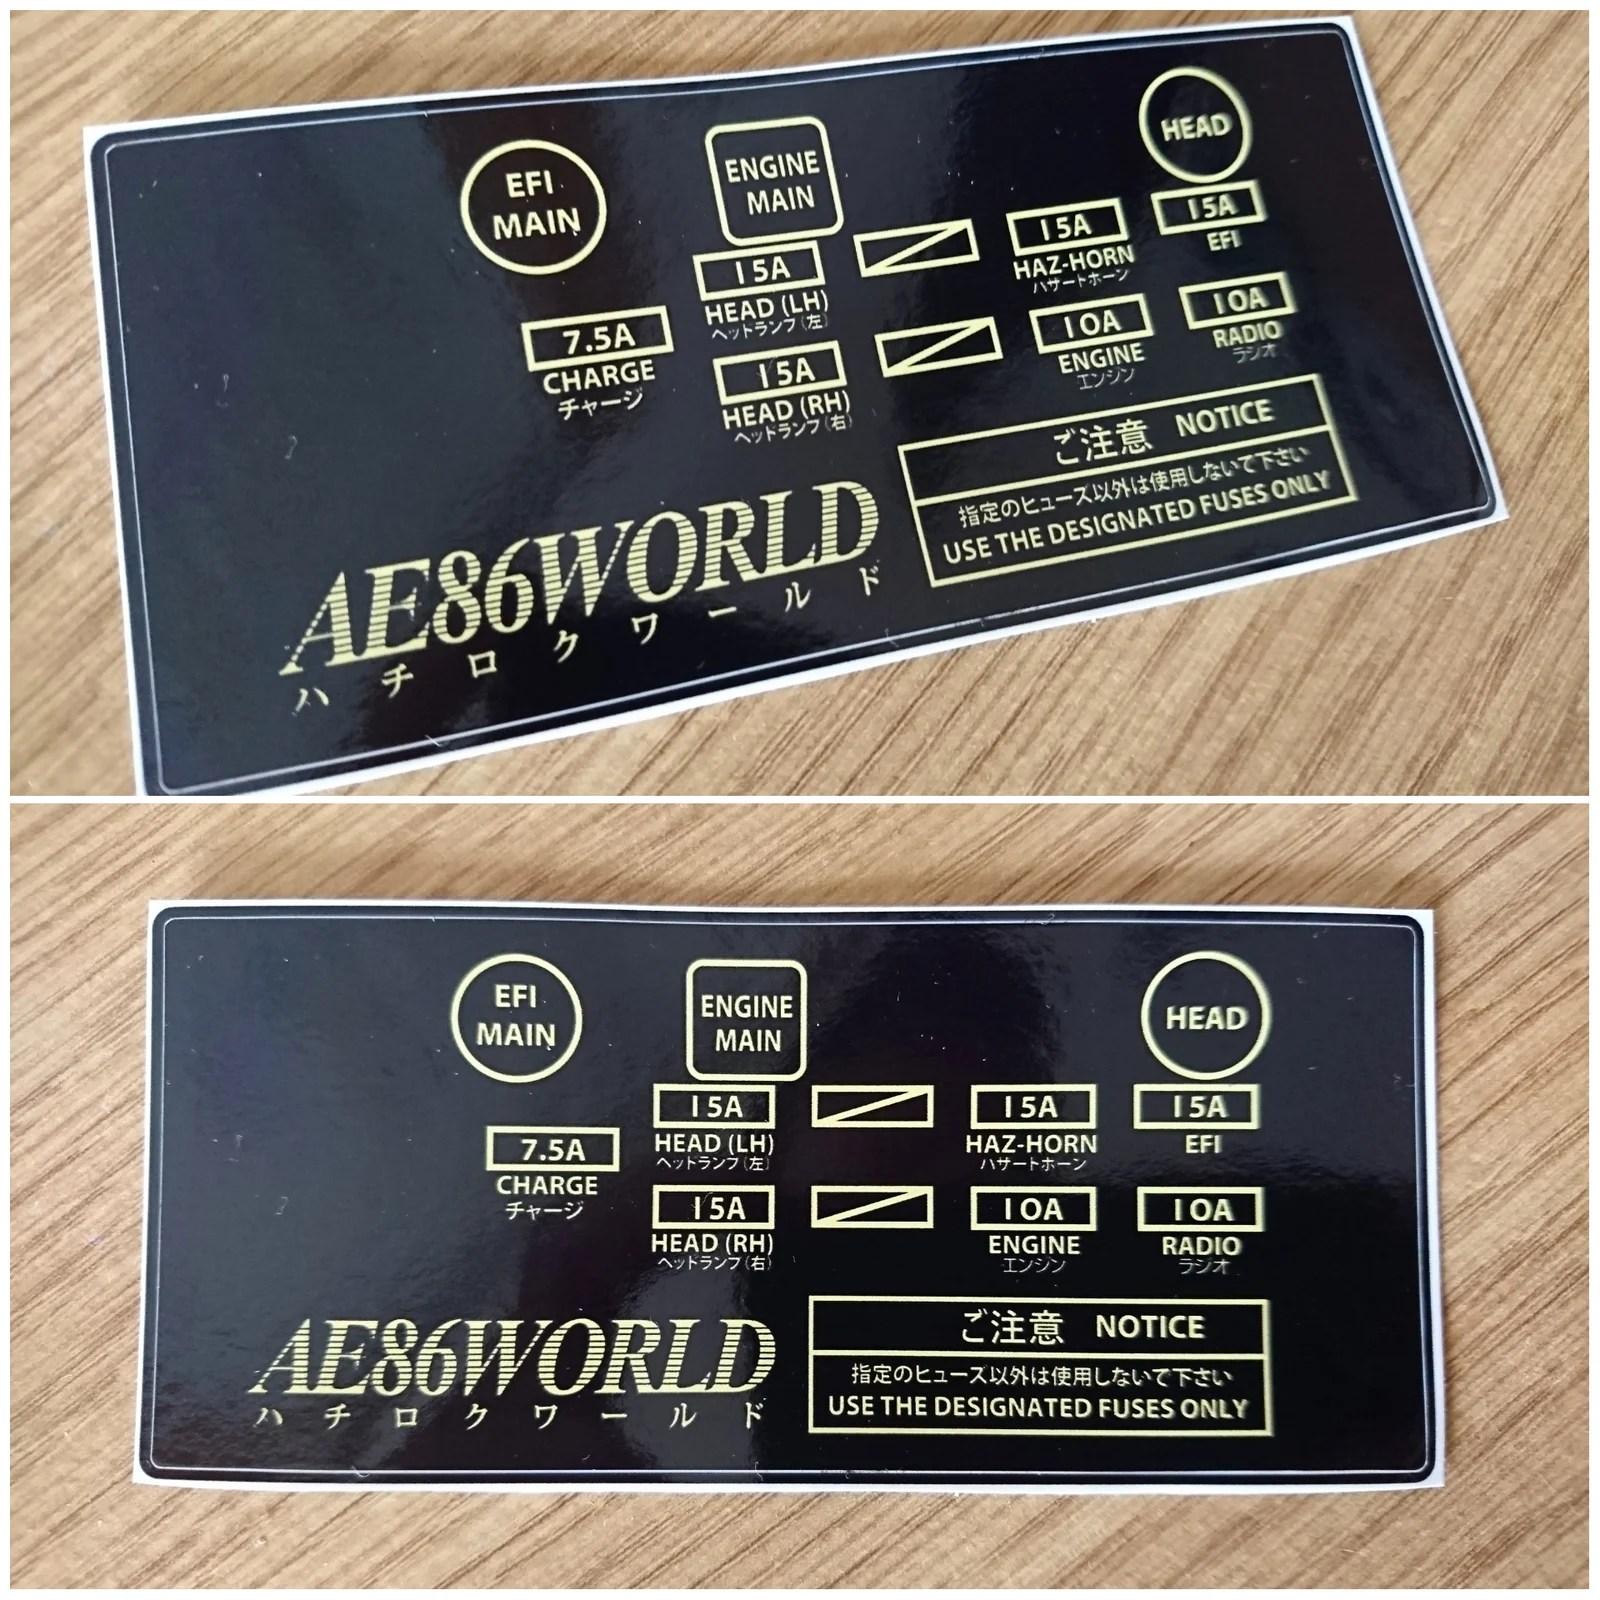 ae86 world fuse box sticker ae86 world rh ae86world bigcartel com ae86 engine fuse box ae86 [ 1920 x 1920 Pixel ]